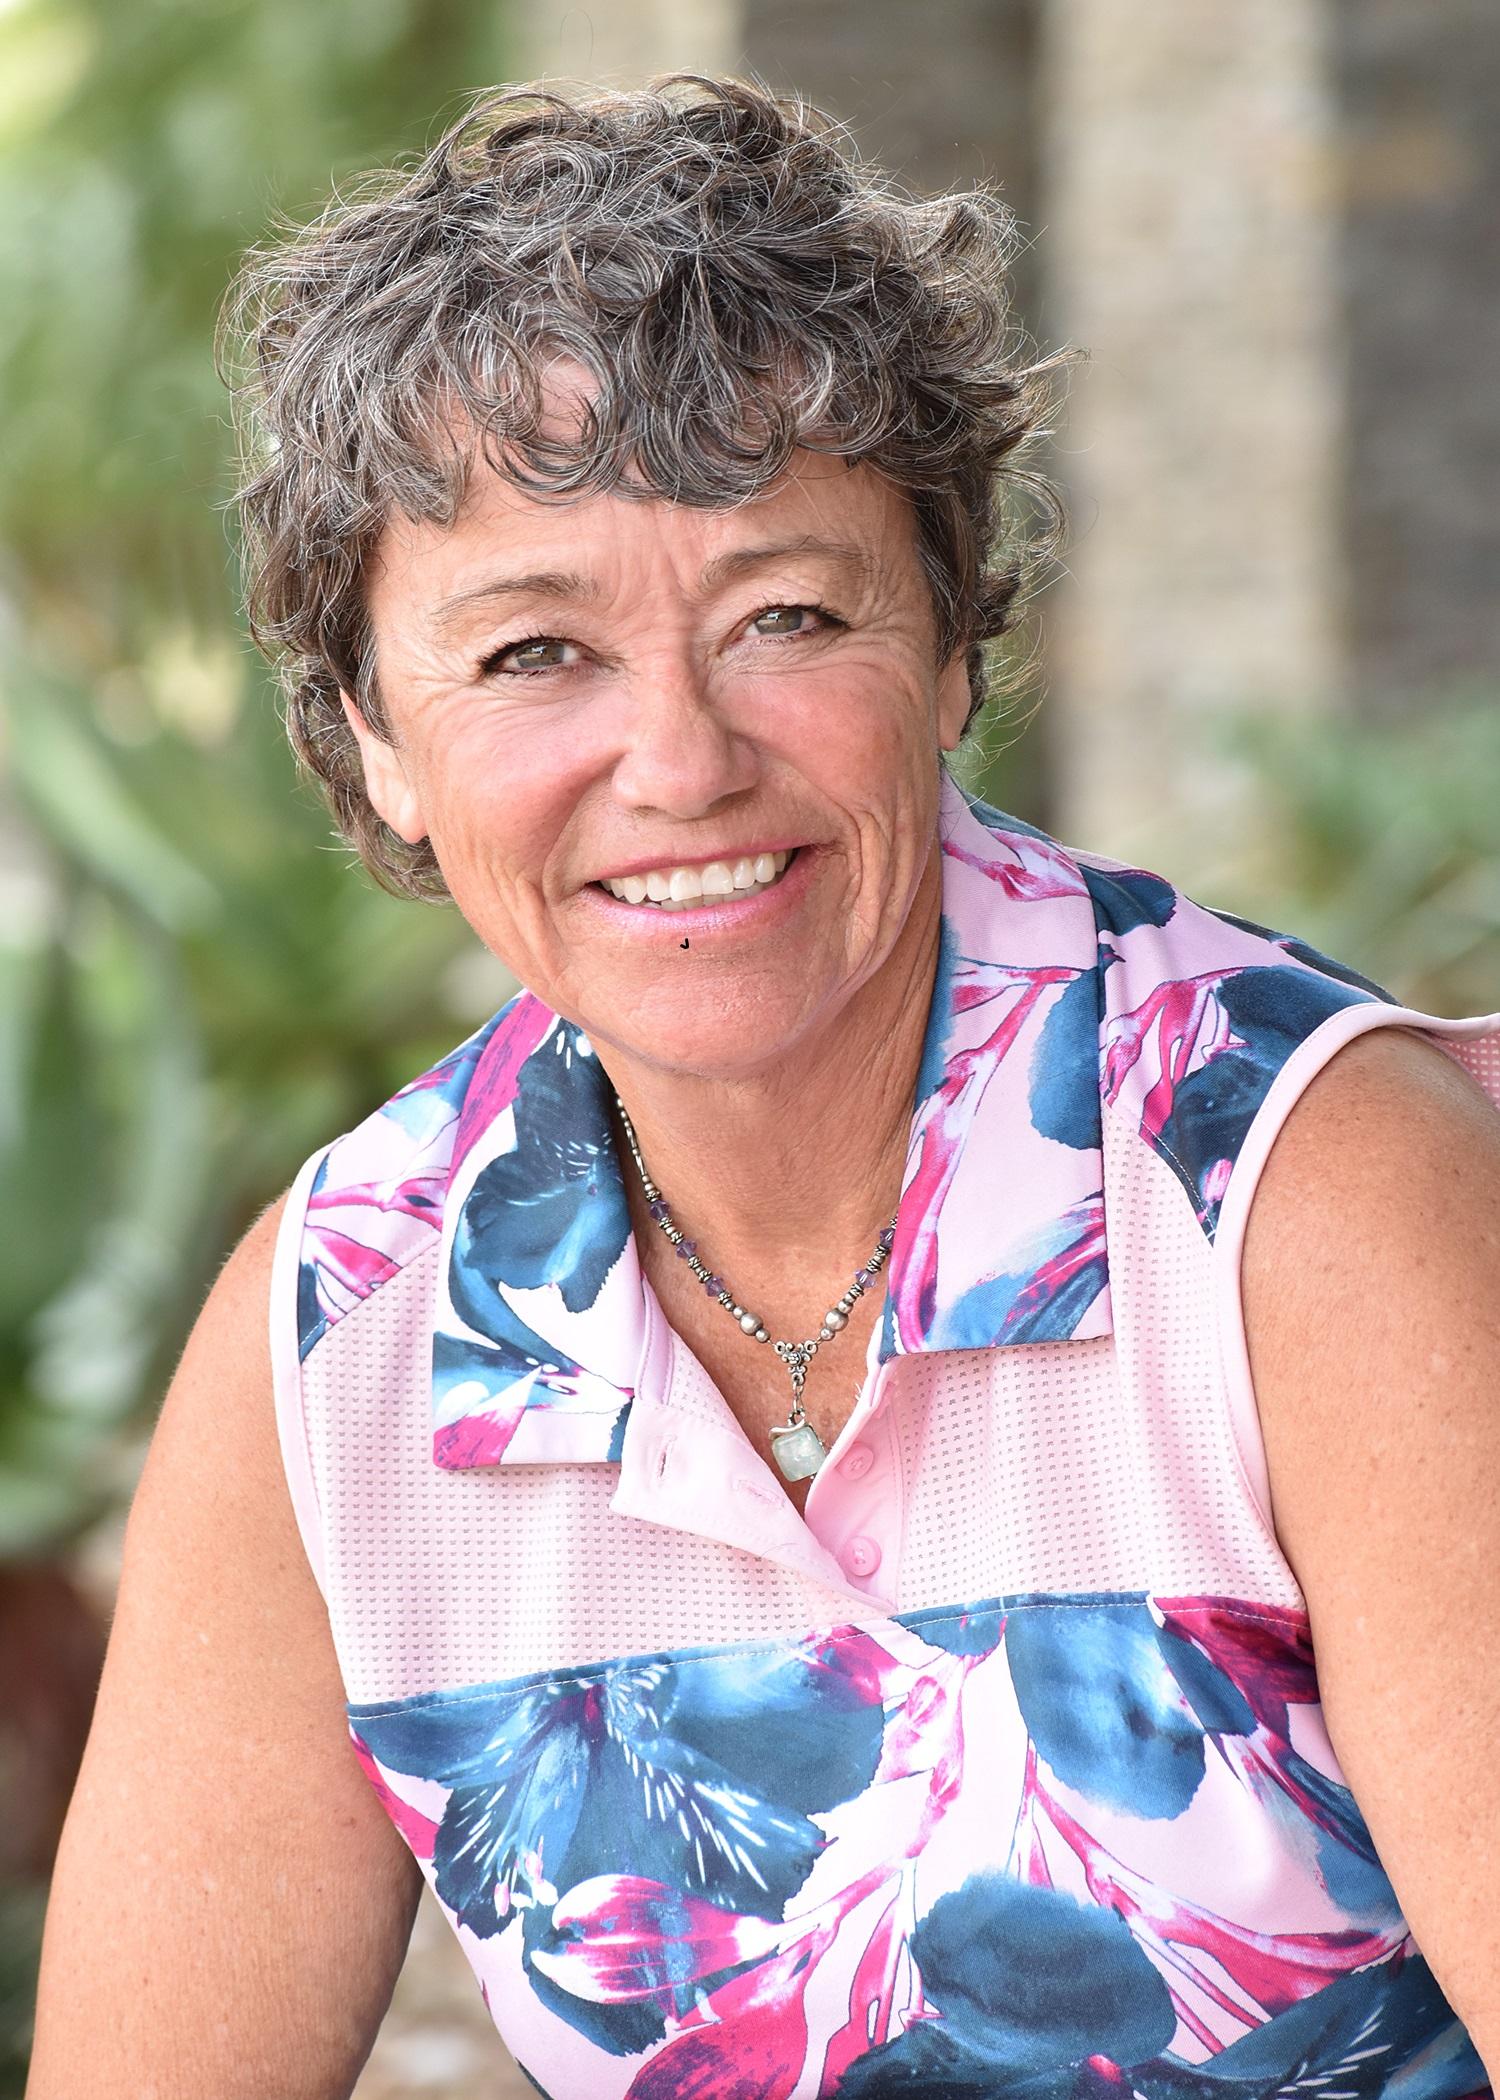 Debra undefined McLean